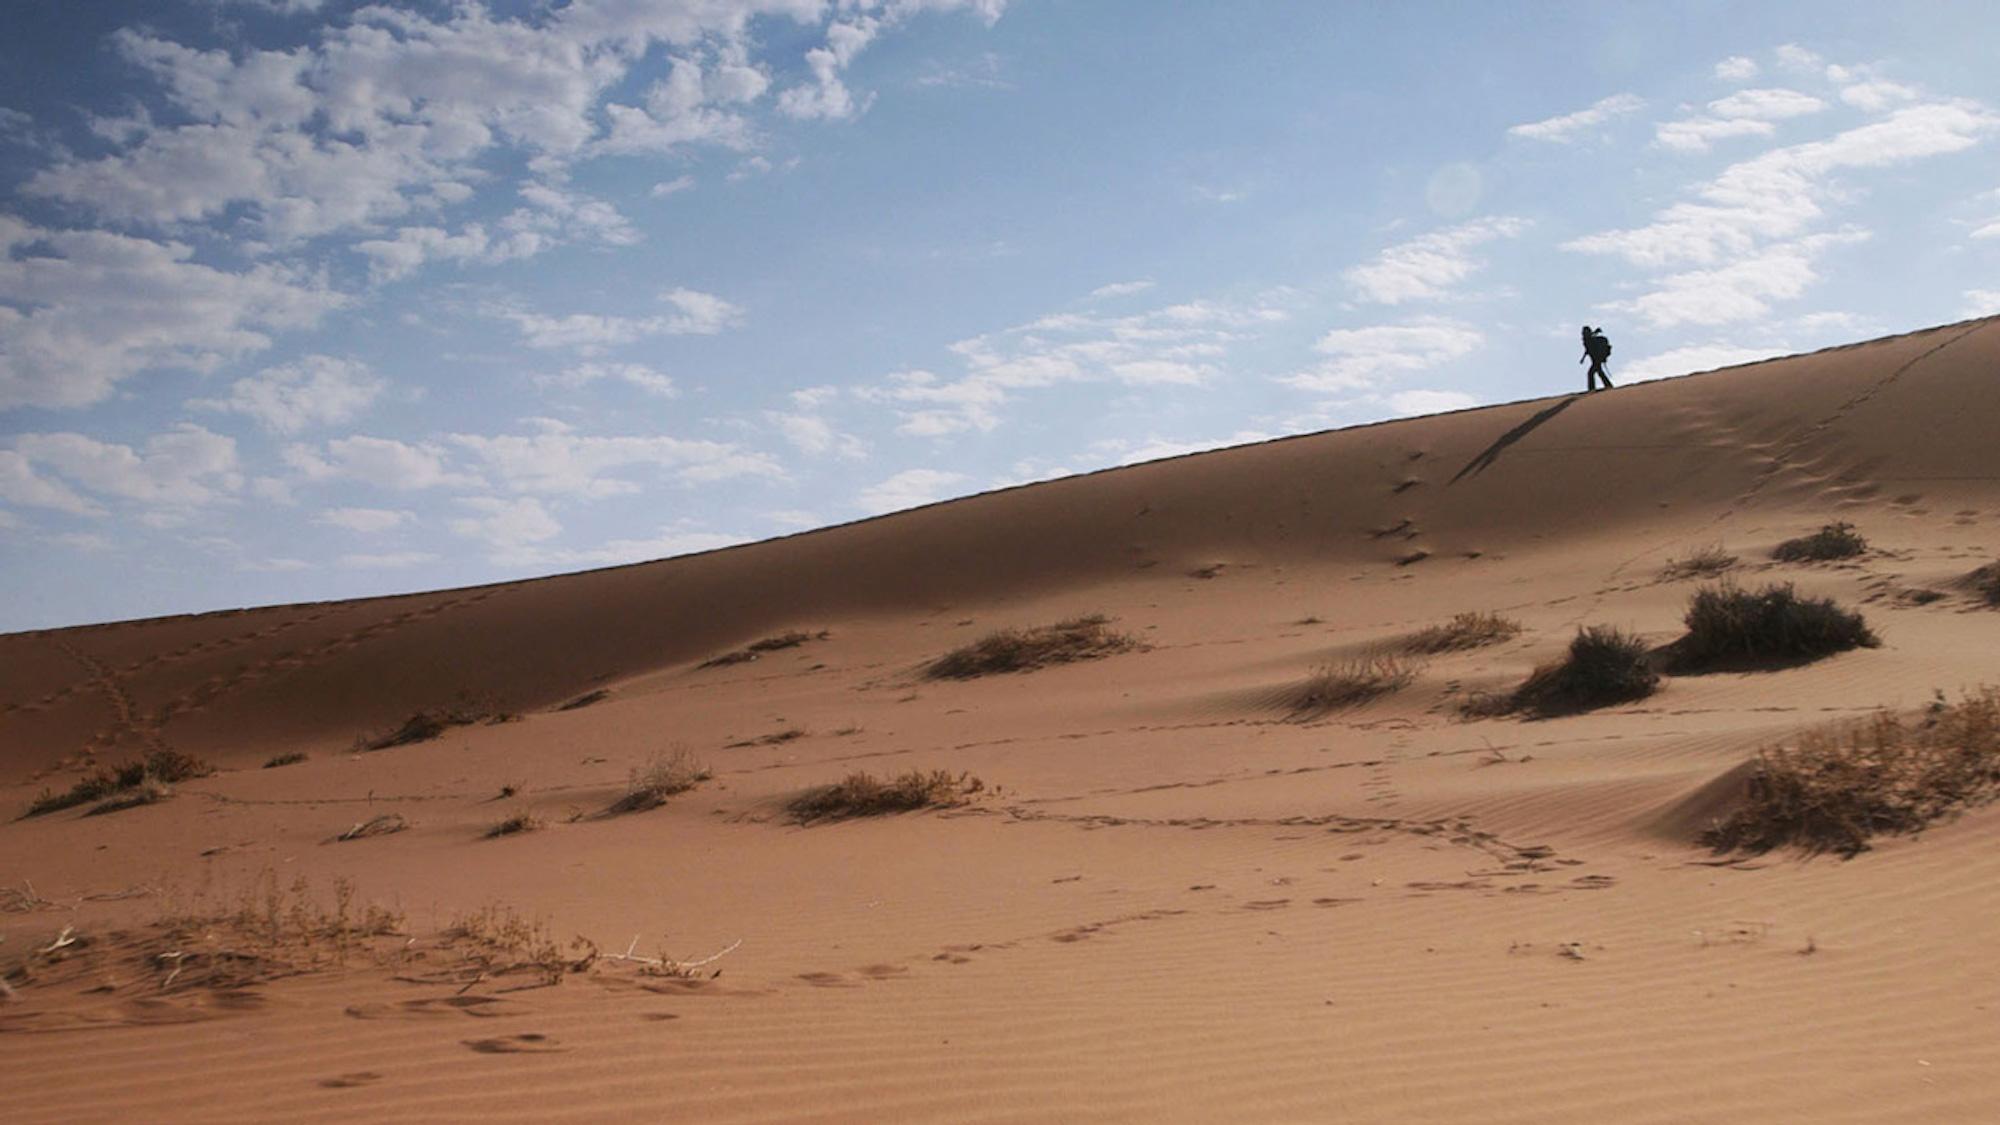 Lisa-on-sand-dune-in-Namibia-1280.jpg